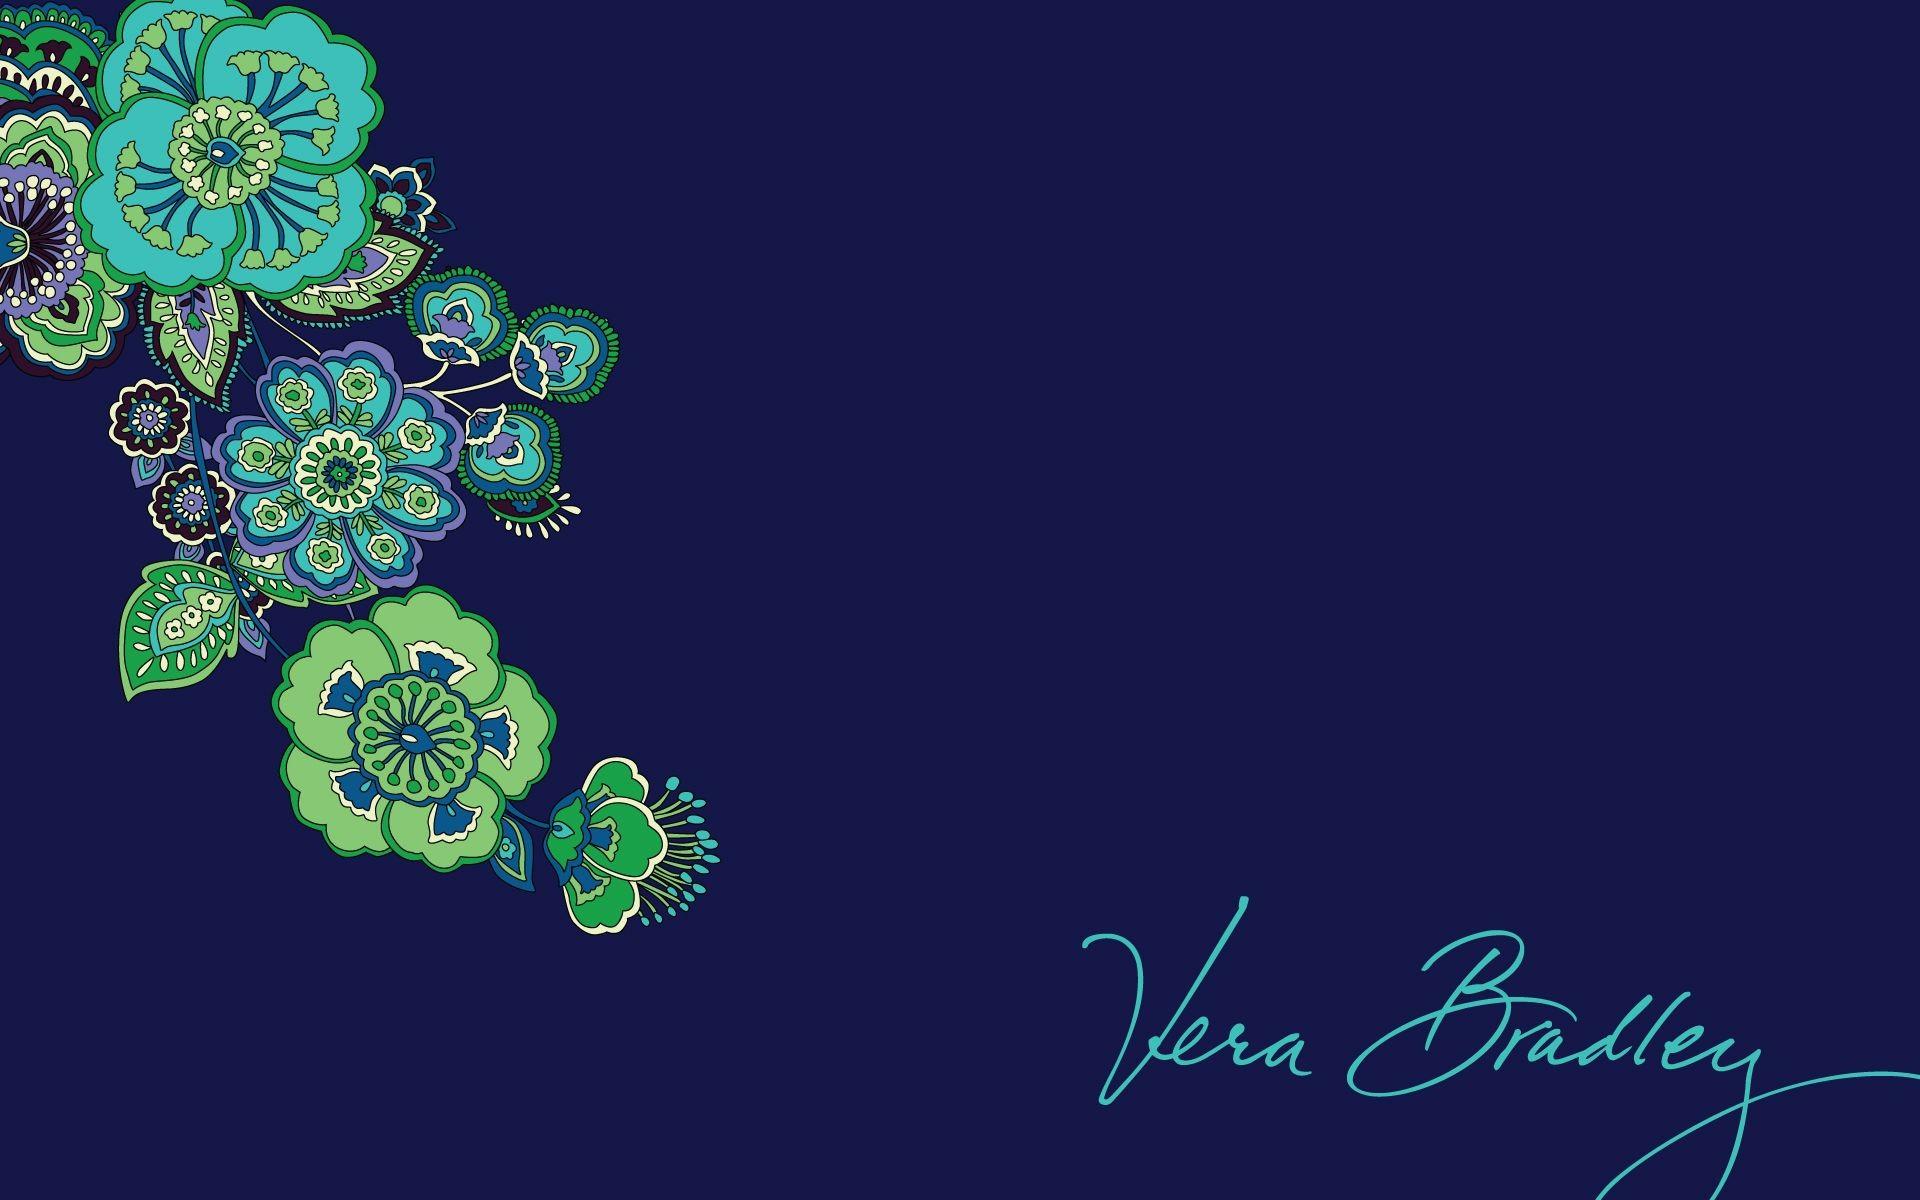 Vera Bradley Blue Rhapsody Desktop Wallpaper